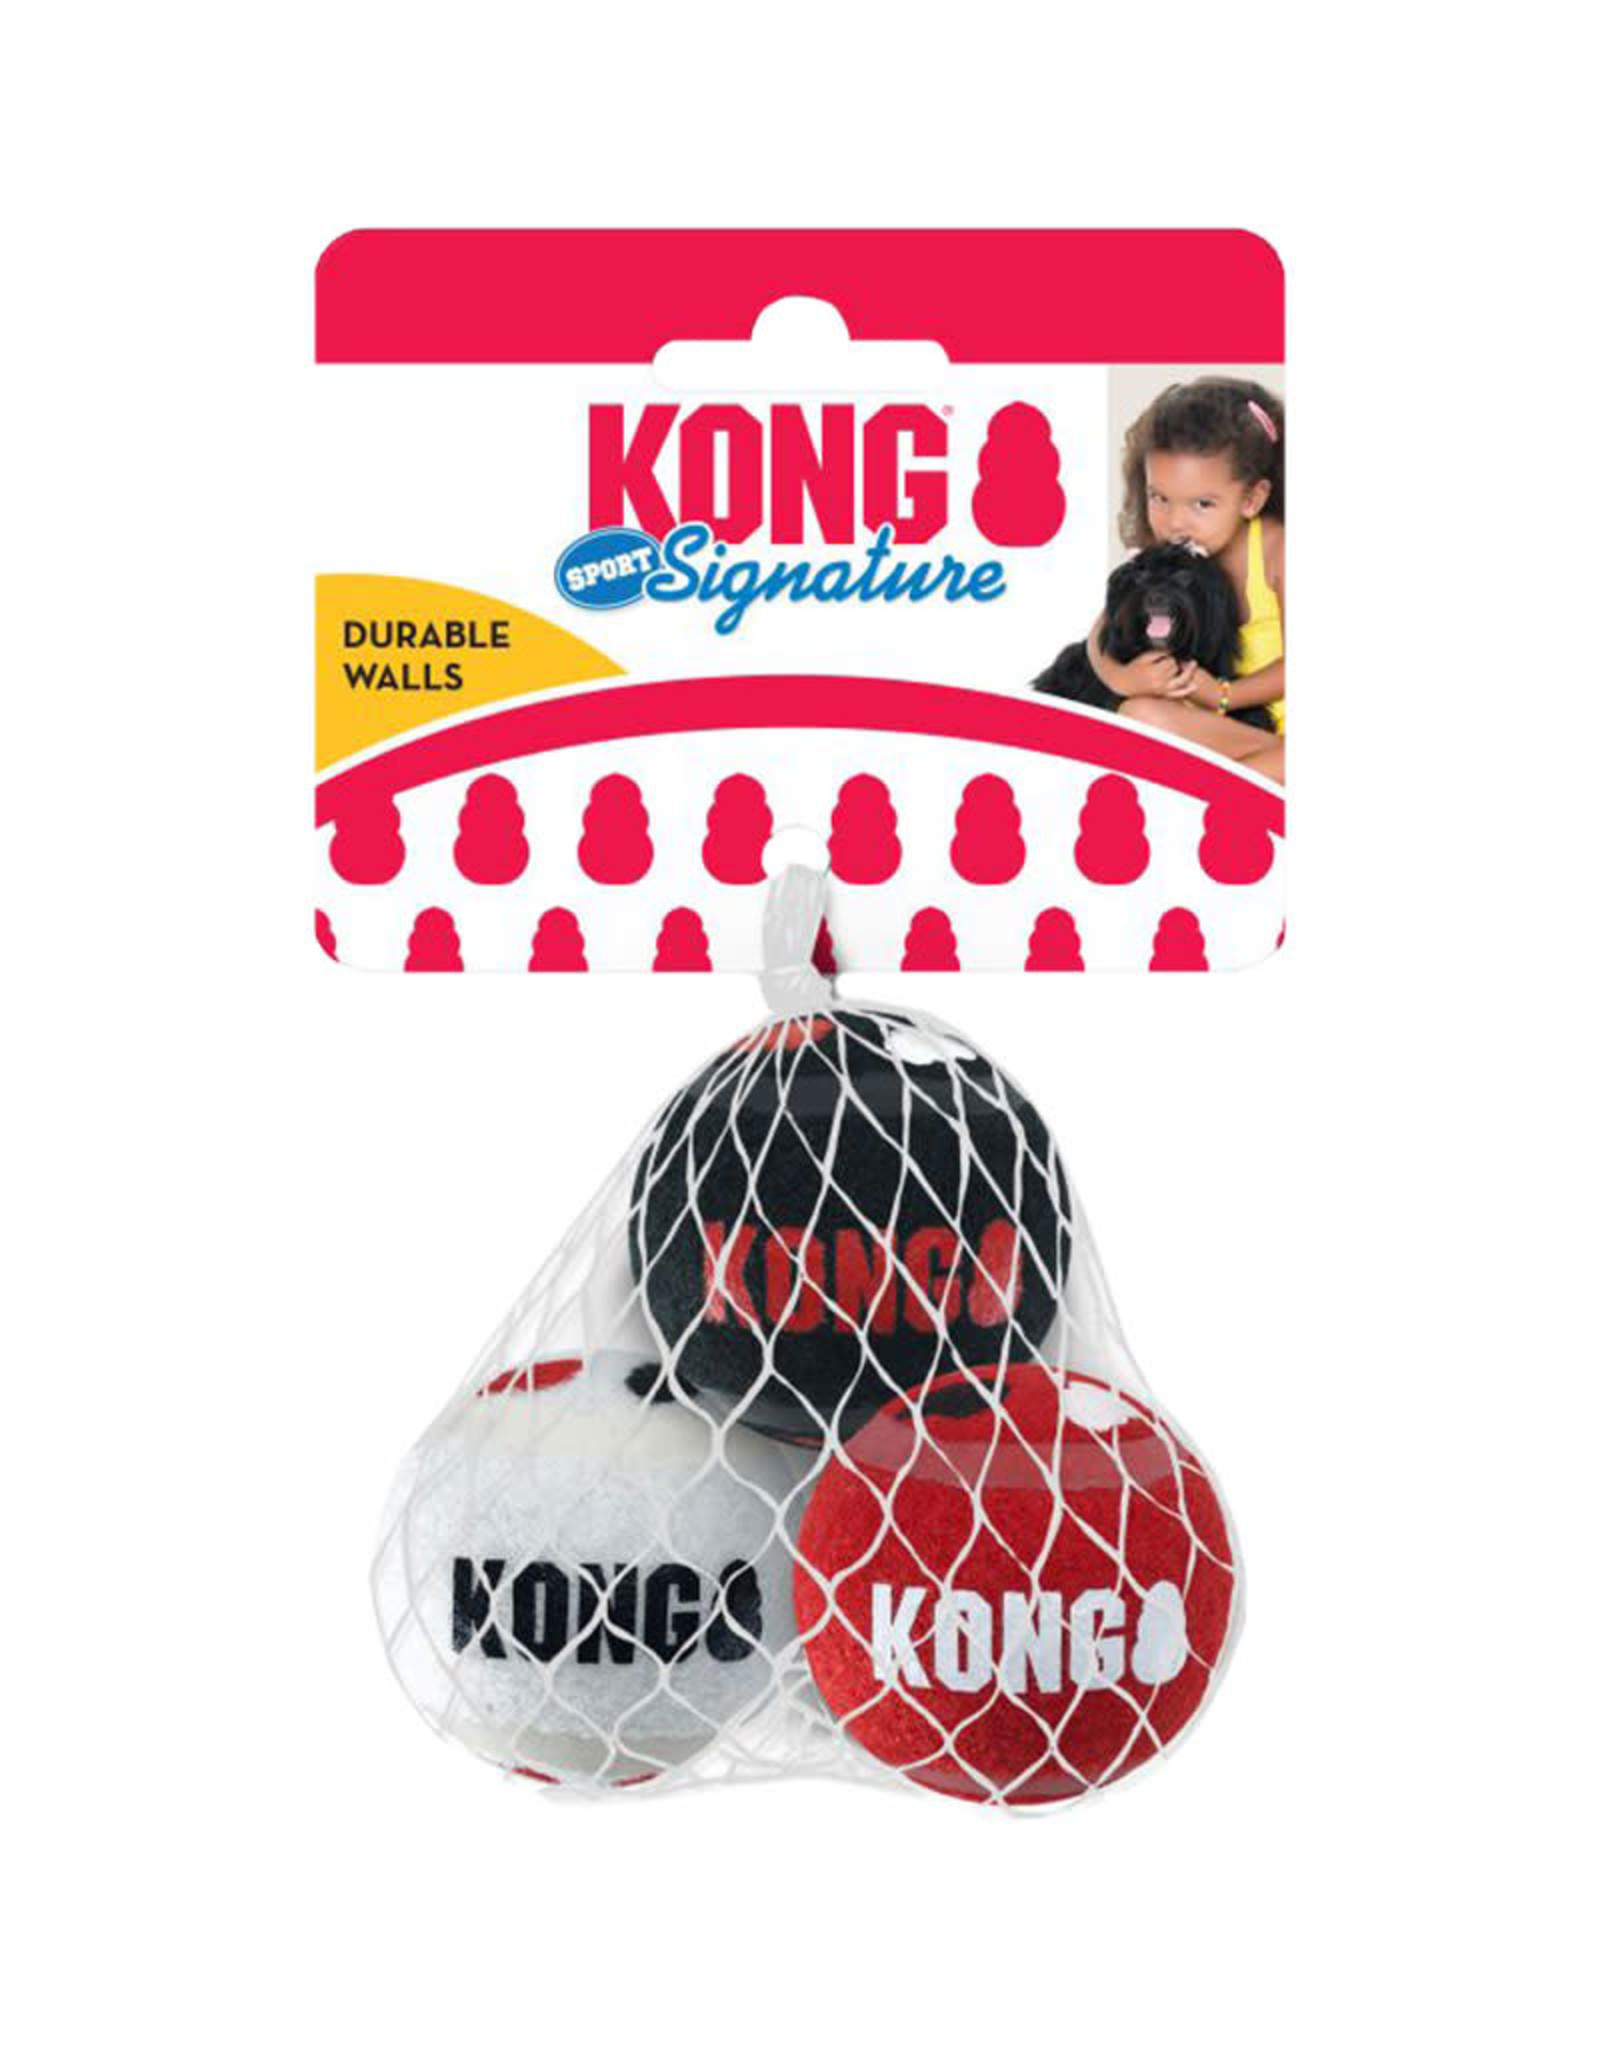 Kong Kong Signature Sport Balls Pack